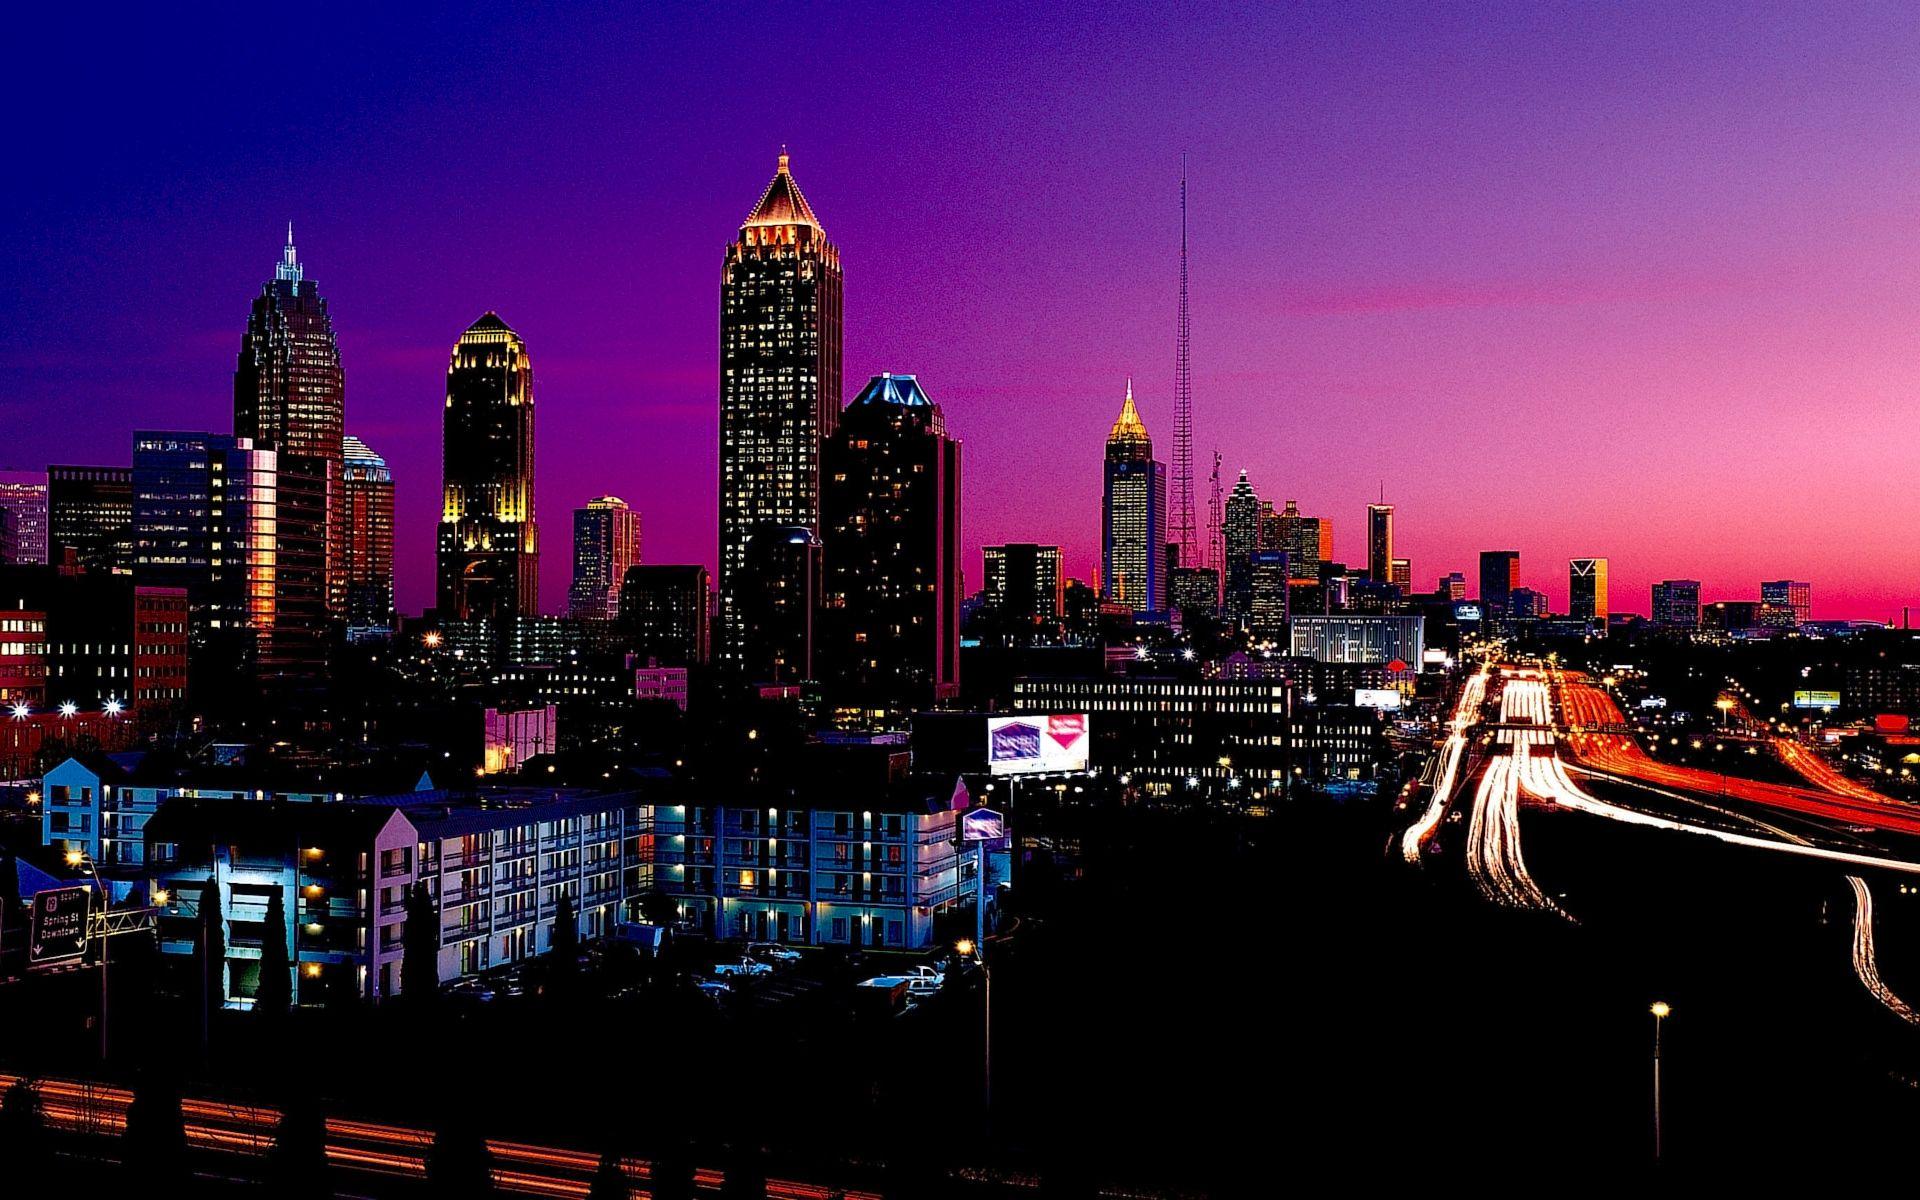 Night city lights wallpapers pack 3 23 danutzayy - Night light hd wallpaper ...